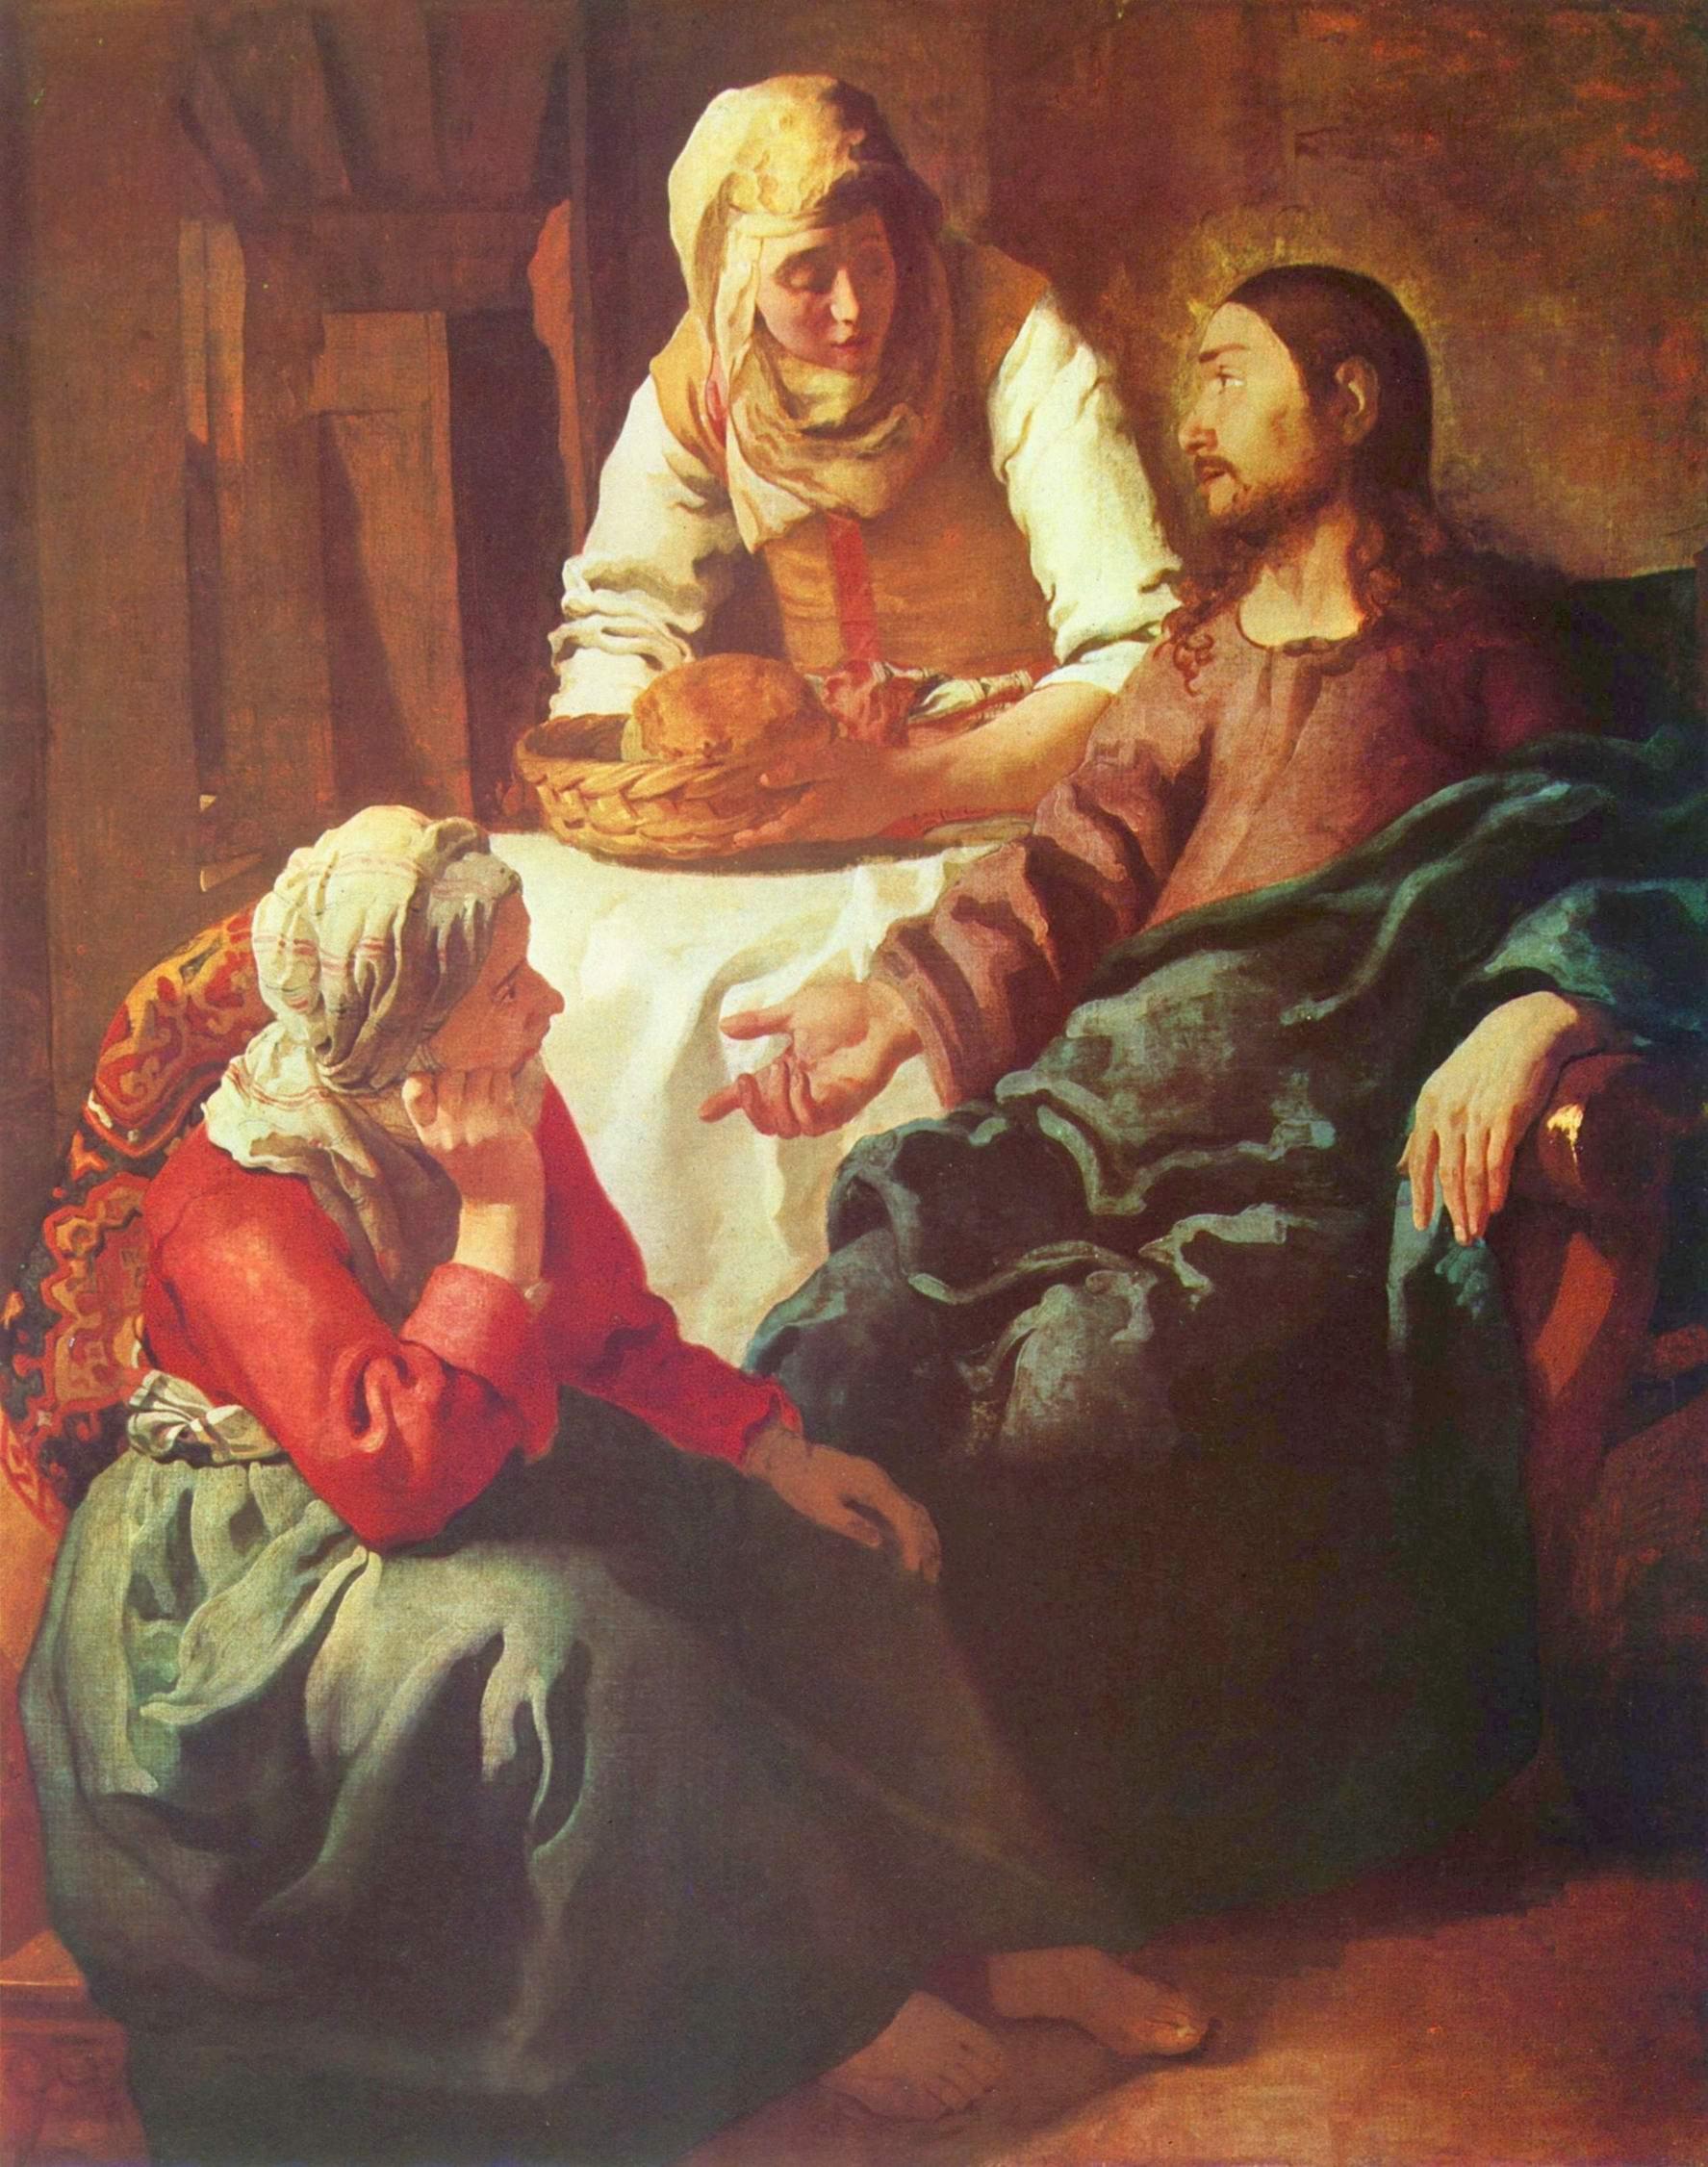 Христос в доме Марии и Марфы, Ян Вермеер Делфтский